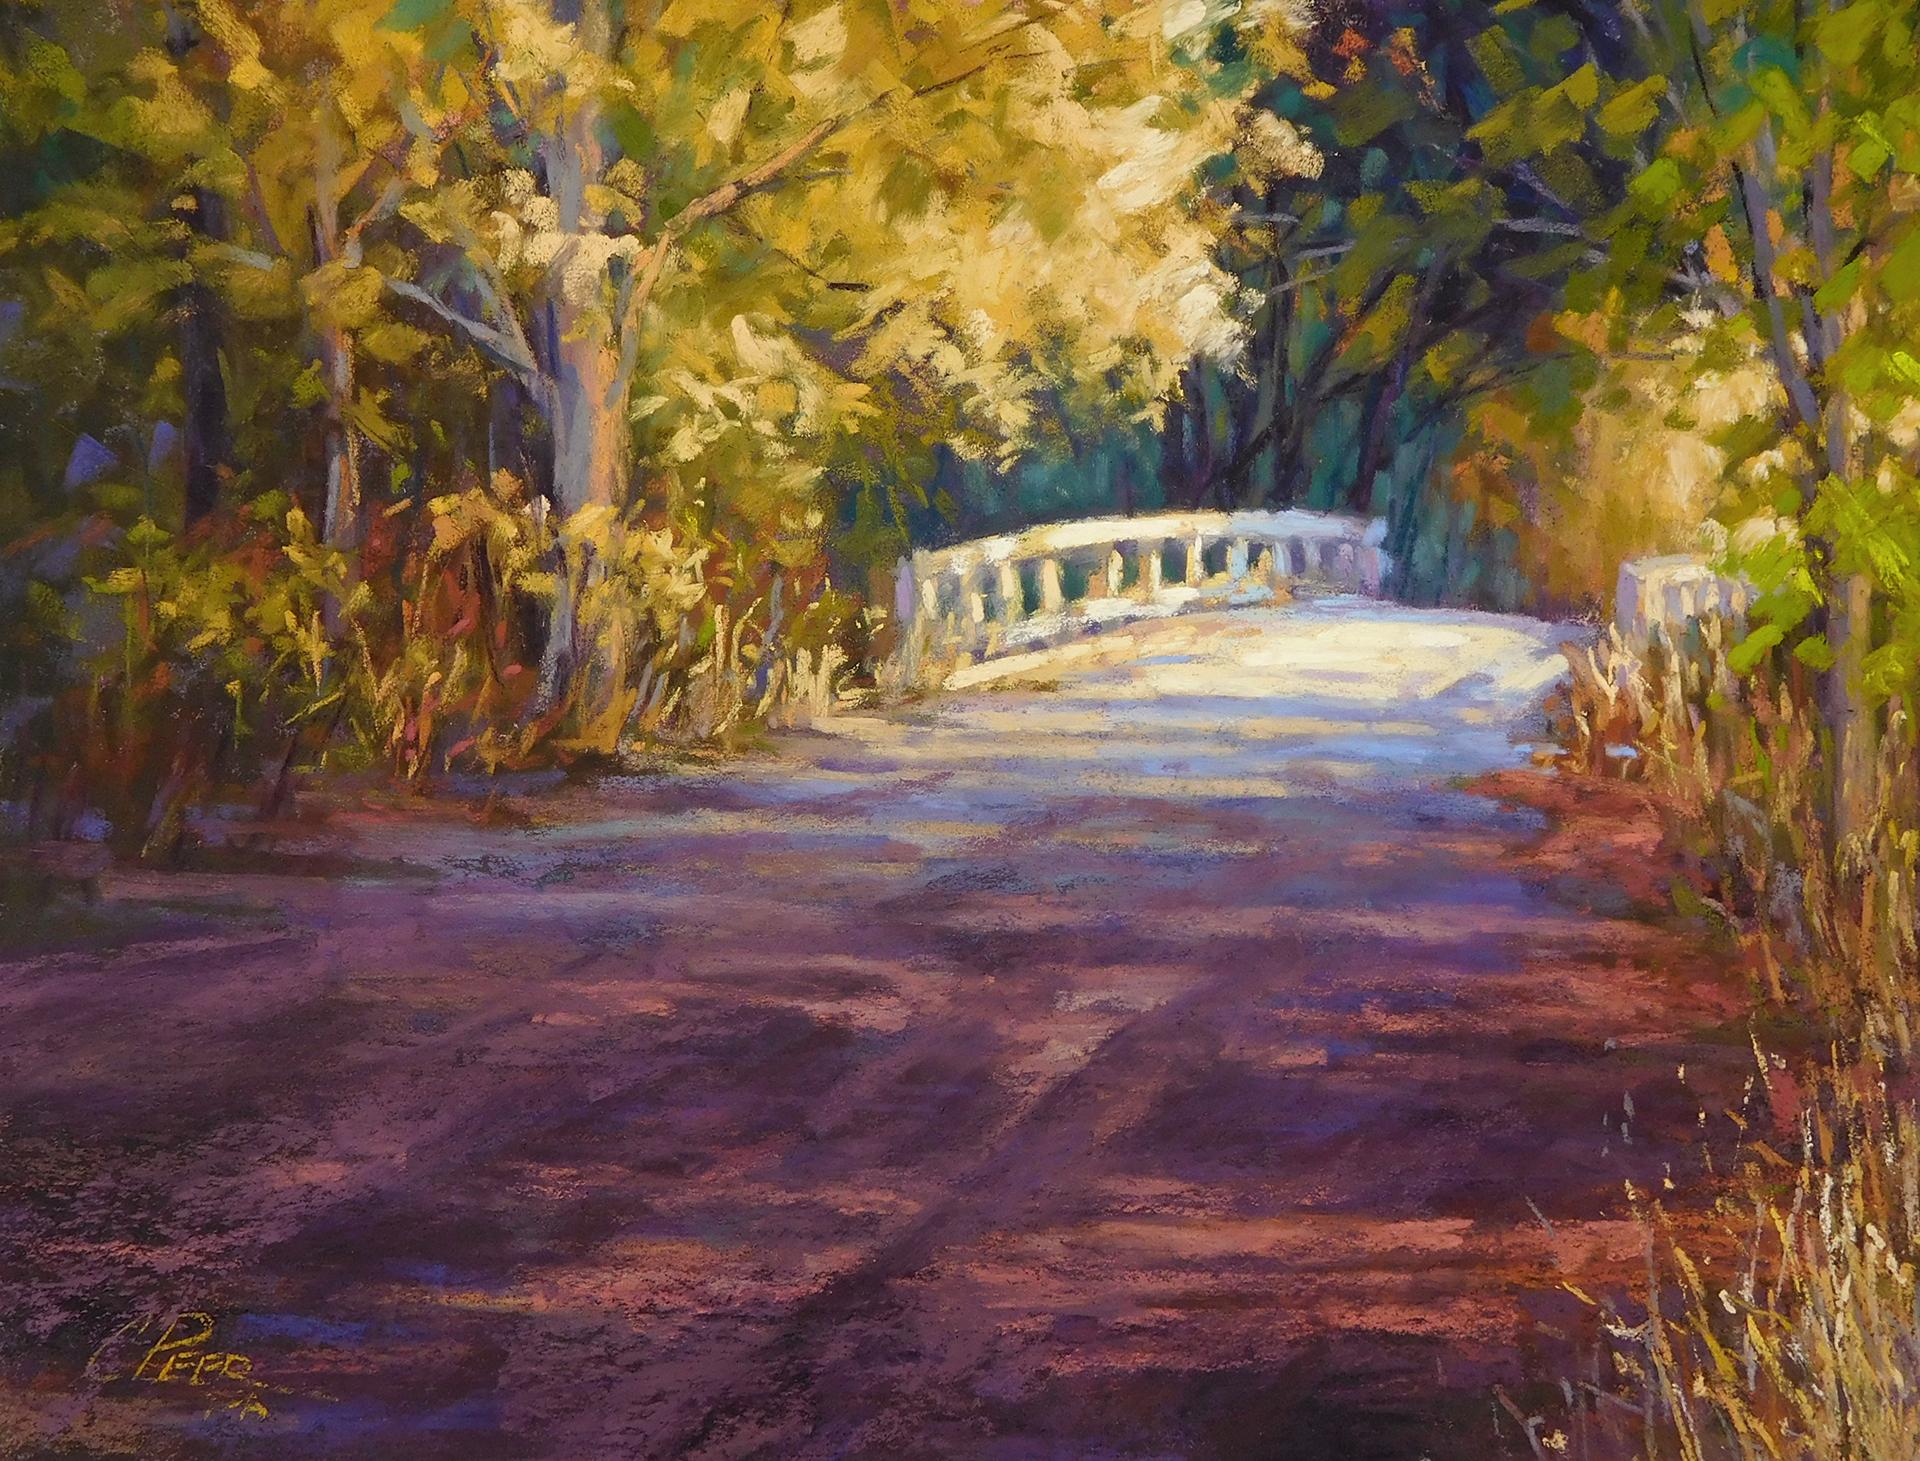 County Bridge